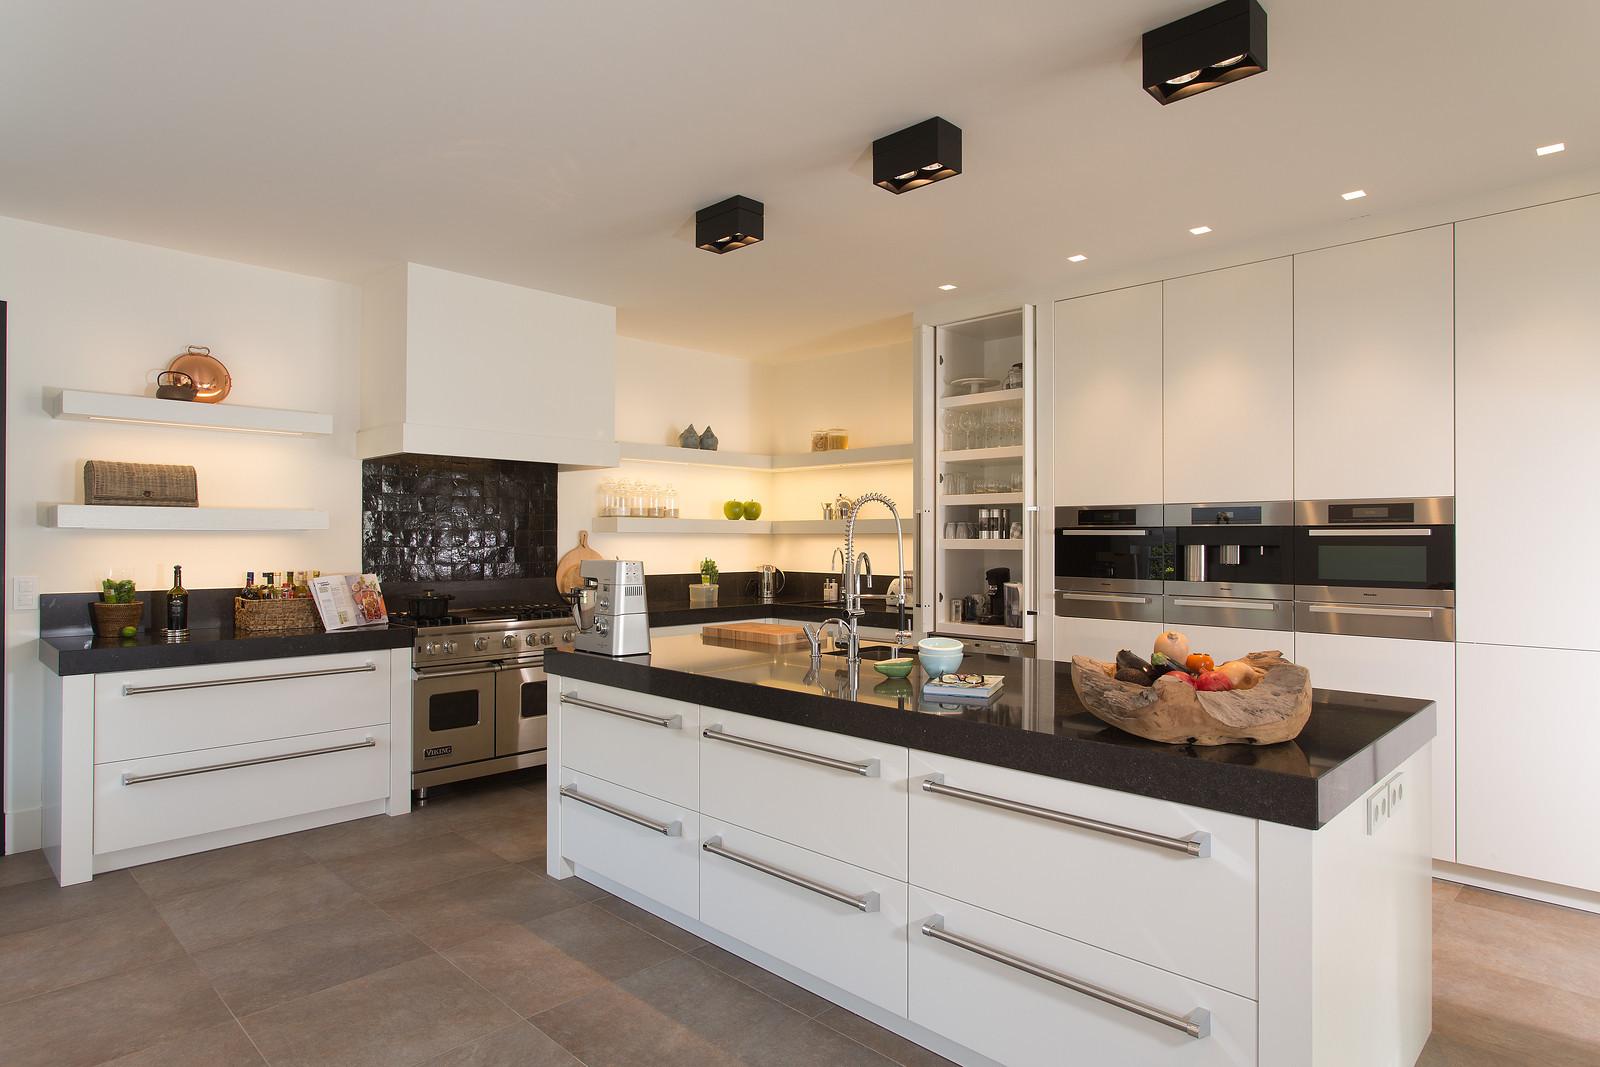 Witte keuken voorbeelden idee n nieuws startpagina voor keuken idee n uw - Trendkleur keuken ...